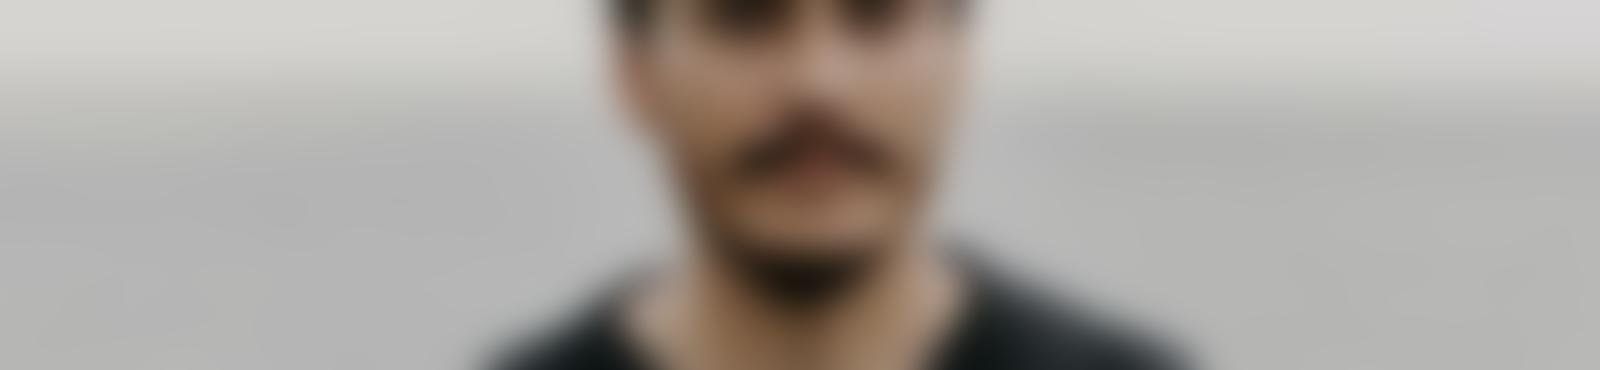 Blurred 28473927 bf6b 409c 905b b848d2ecdba6